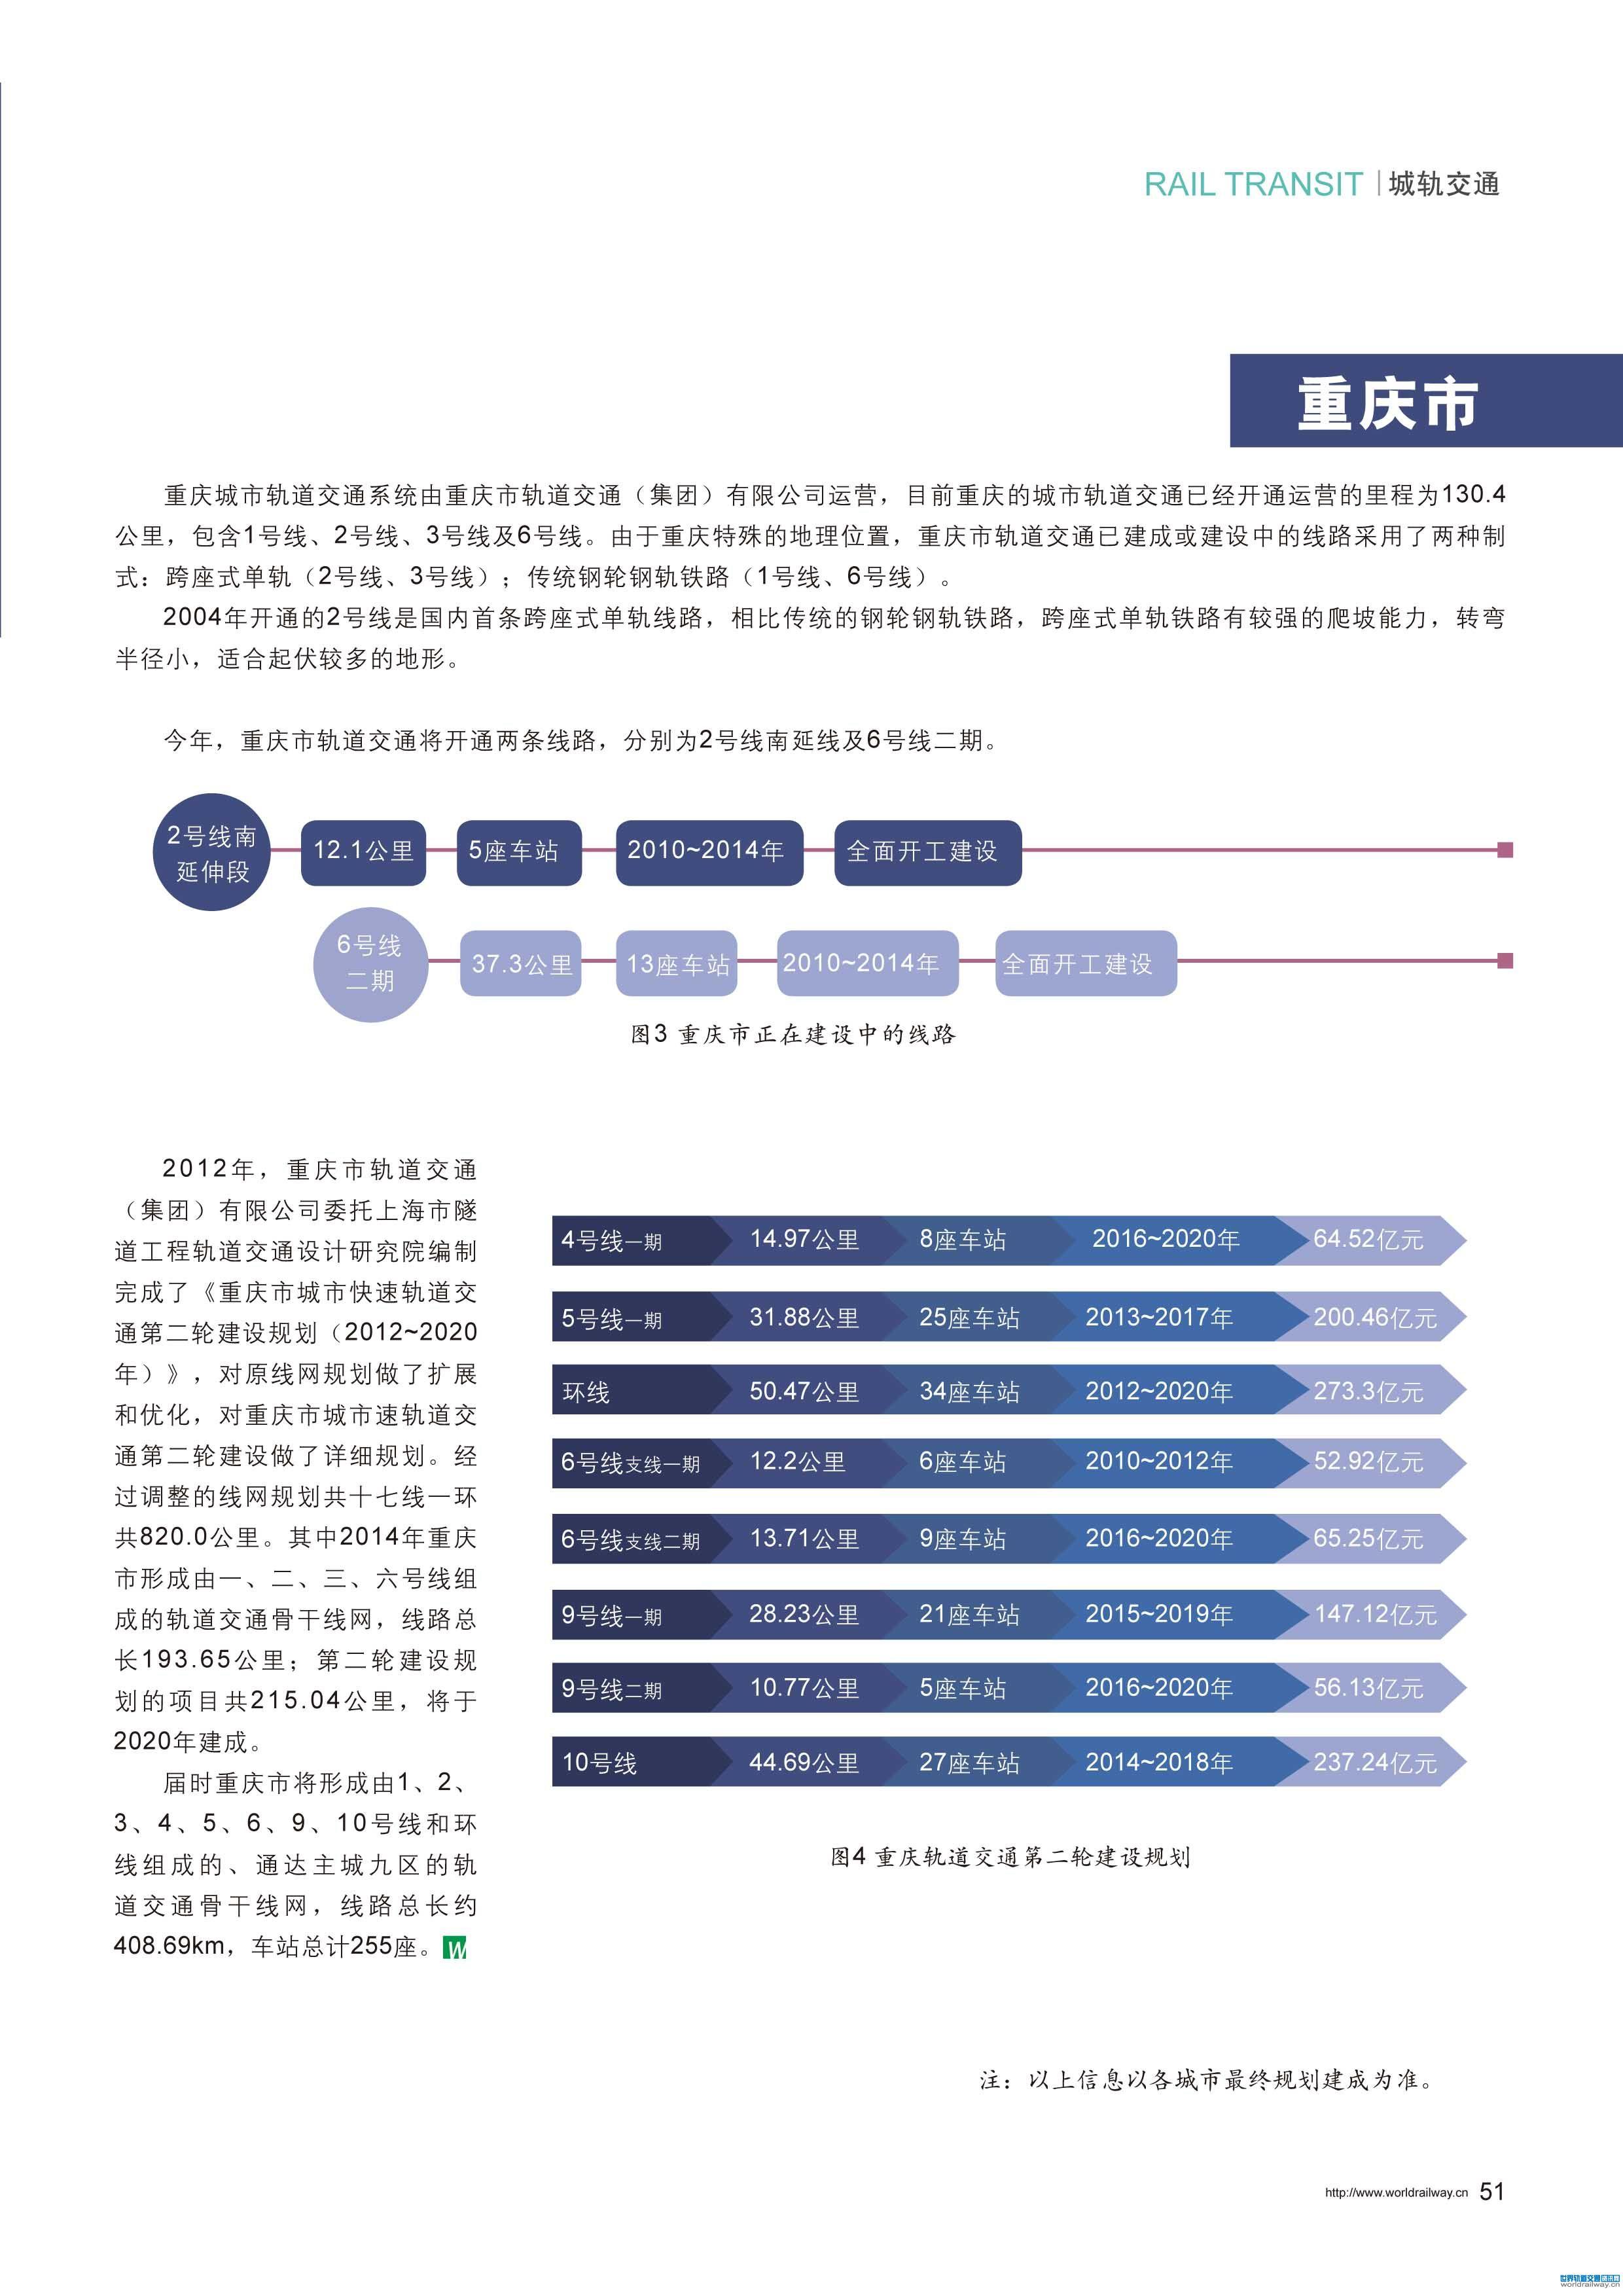 中国城市轨道交通建设及规划 天津 重庆篇